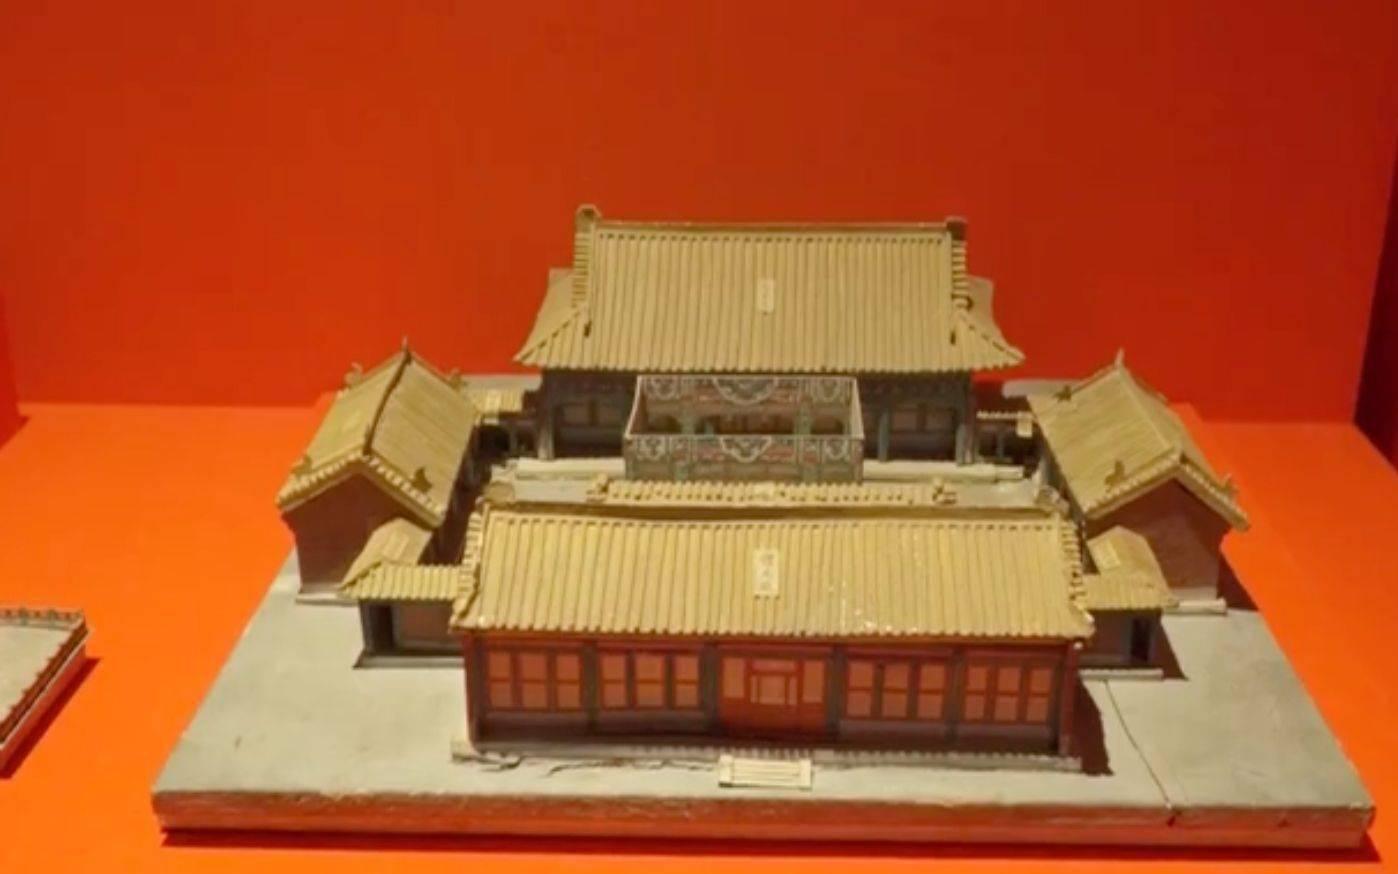 紫禁城六百年展埋了多少知识点?故宫官方解读大展细节